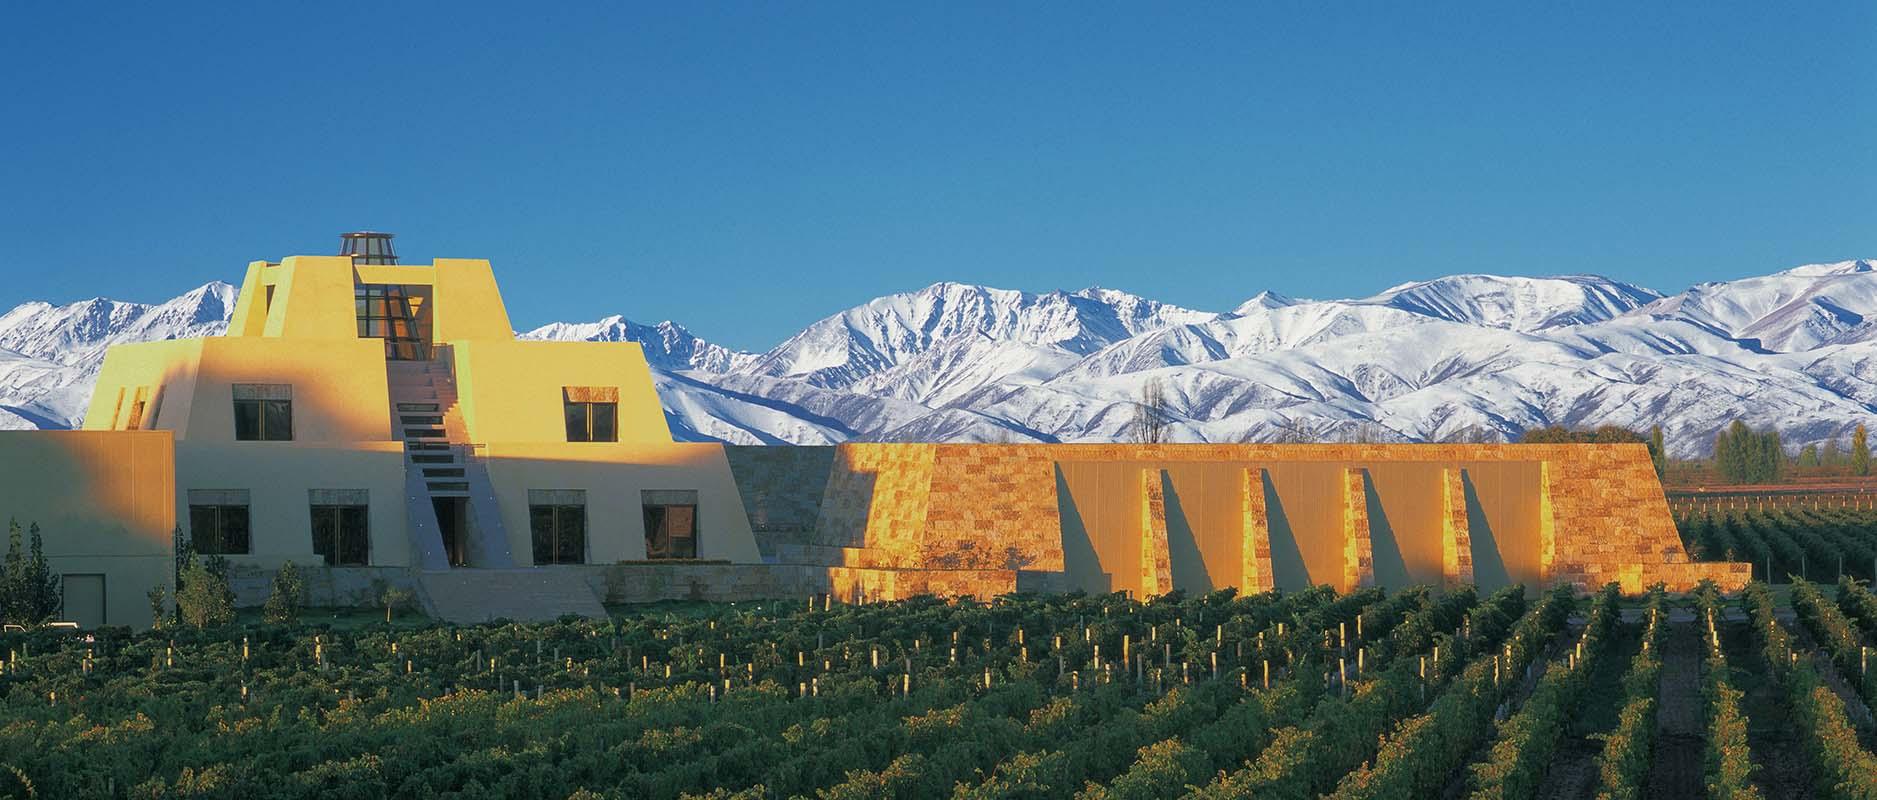 catena-zapata-winery